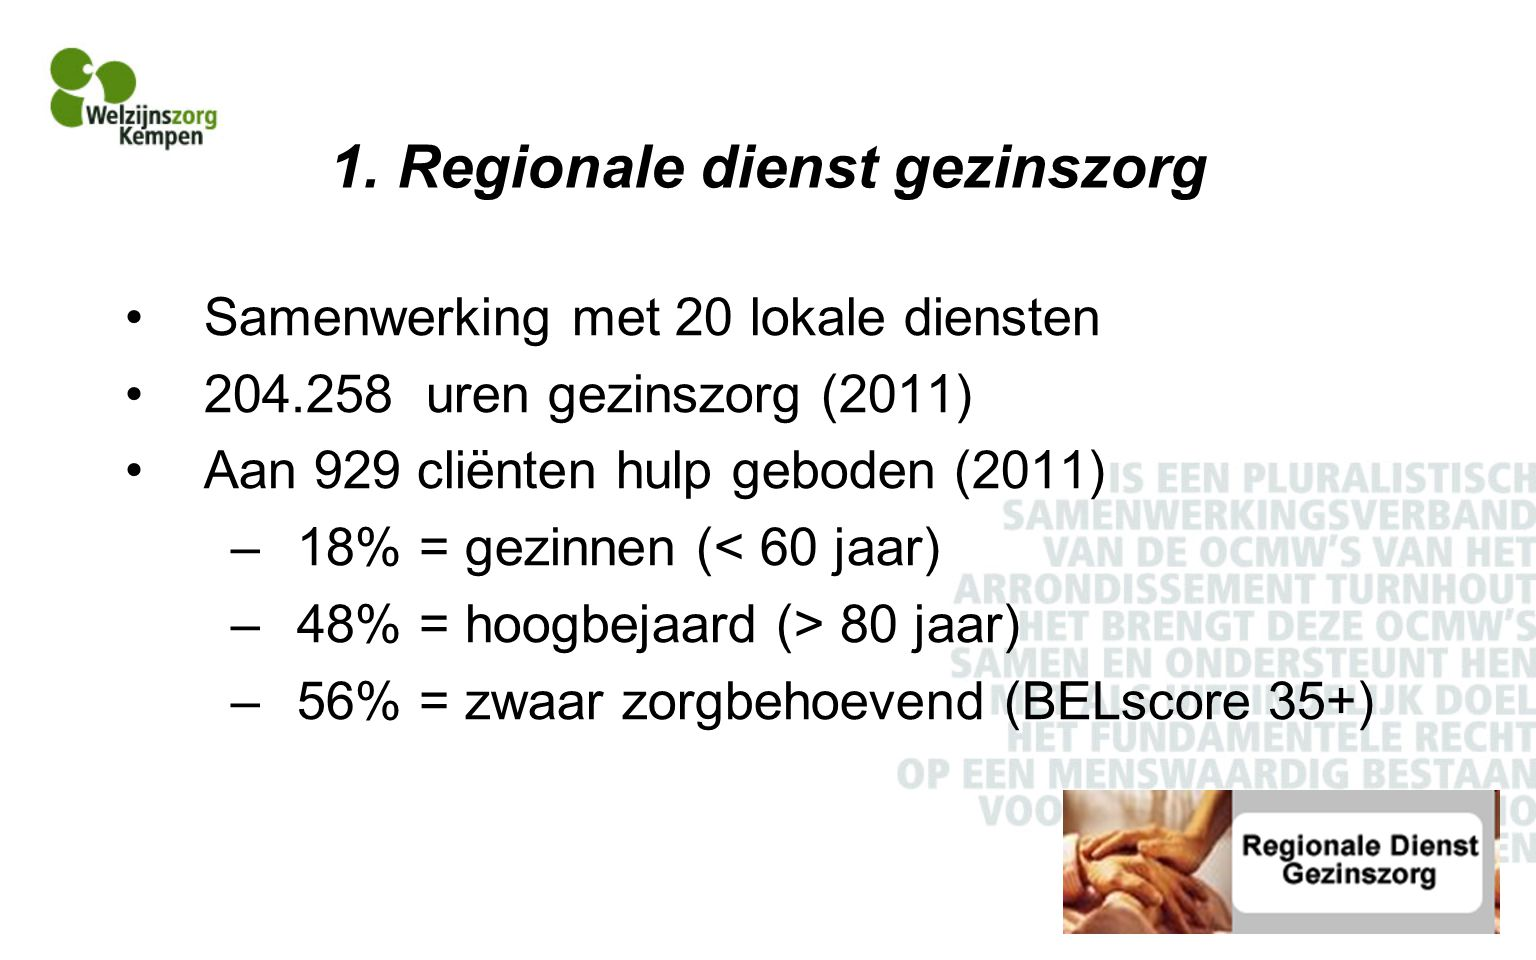 1. Regionale dienst gezinszorg Samenwerking met 20 lokale diensten 204.258 uren gezinszorg (2011) Aan 929 cliënten hulp geboden (2011) –18% = gezinnen